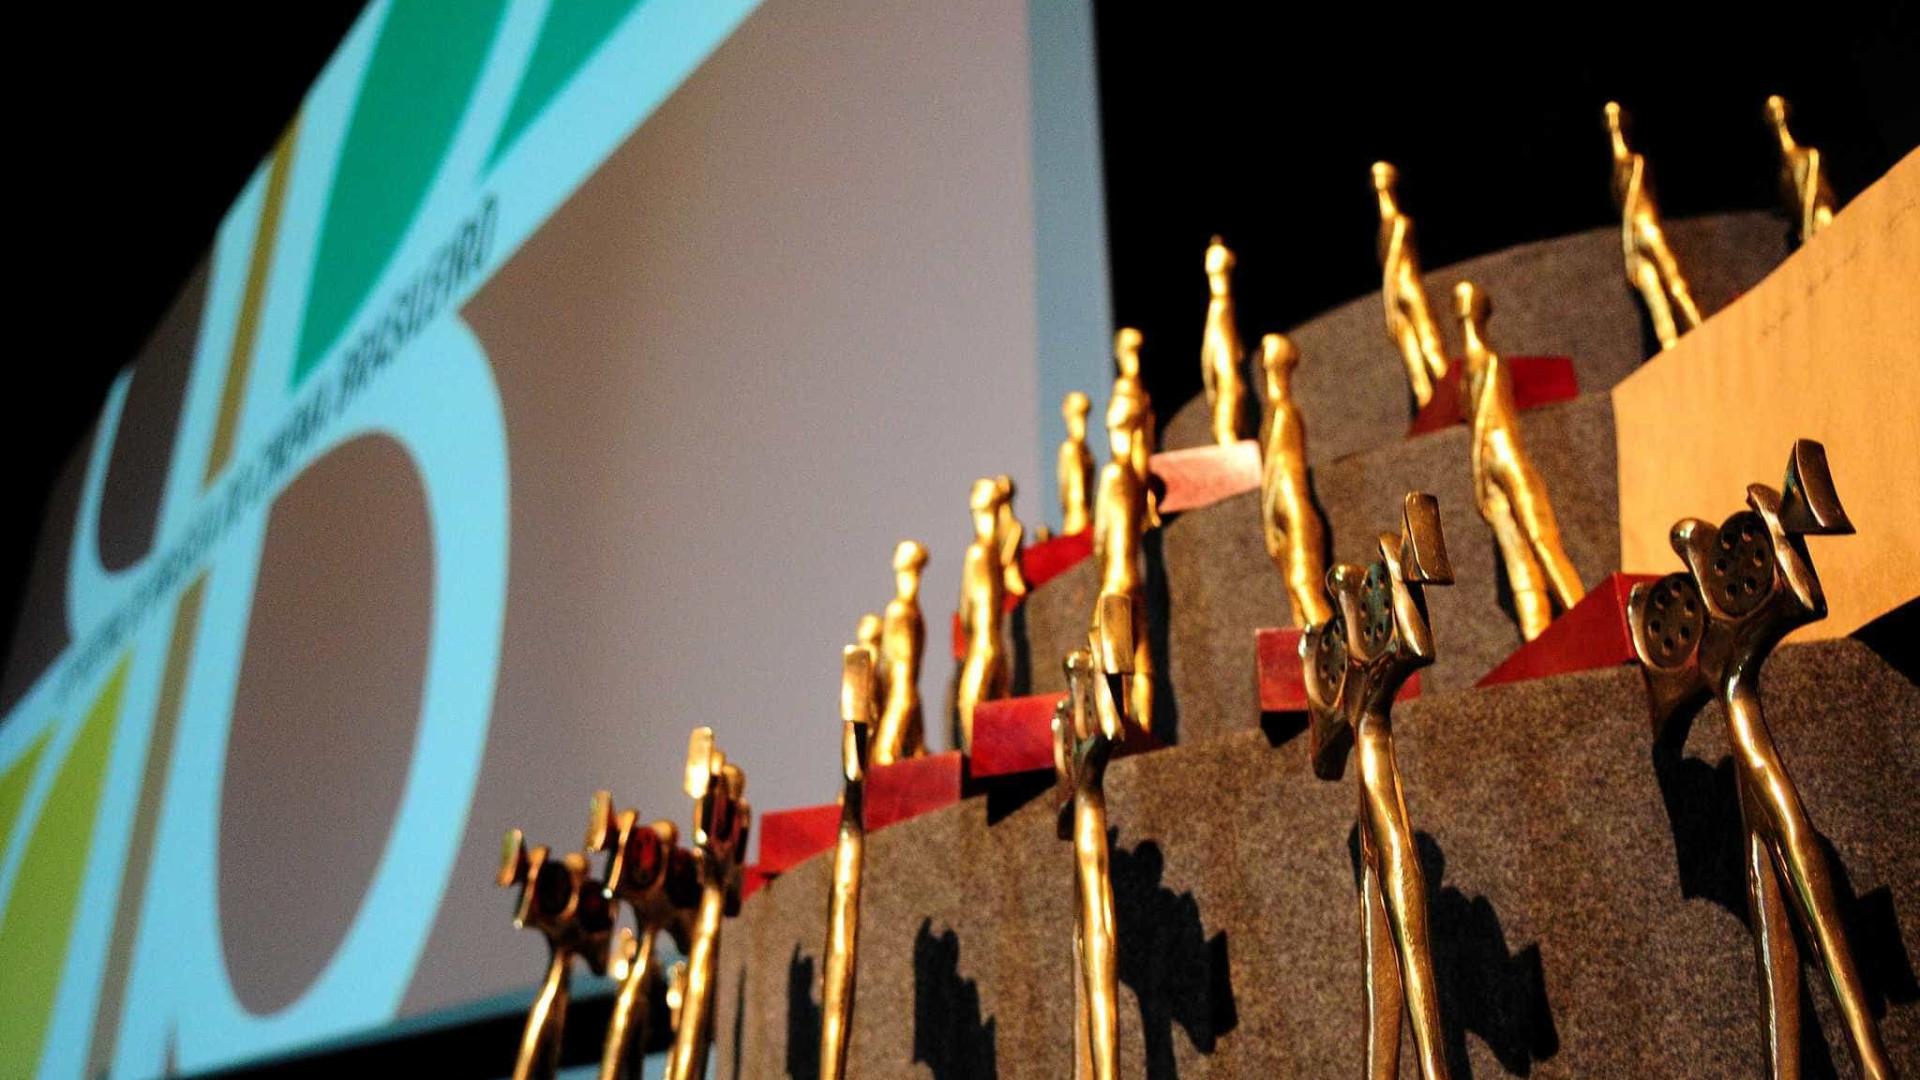 Festival de cinema de Brasília  terá novo formato em 2017